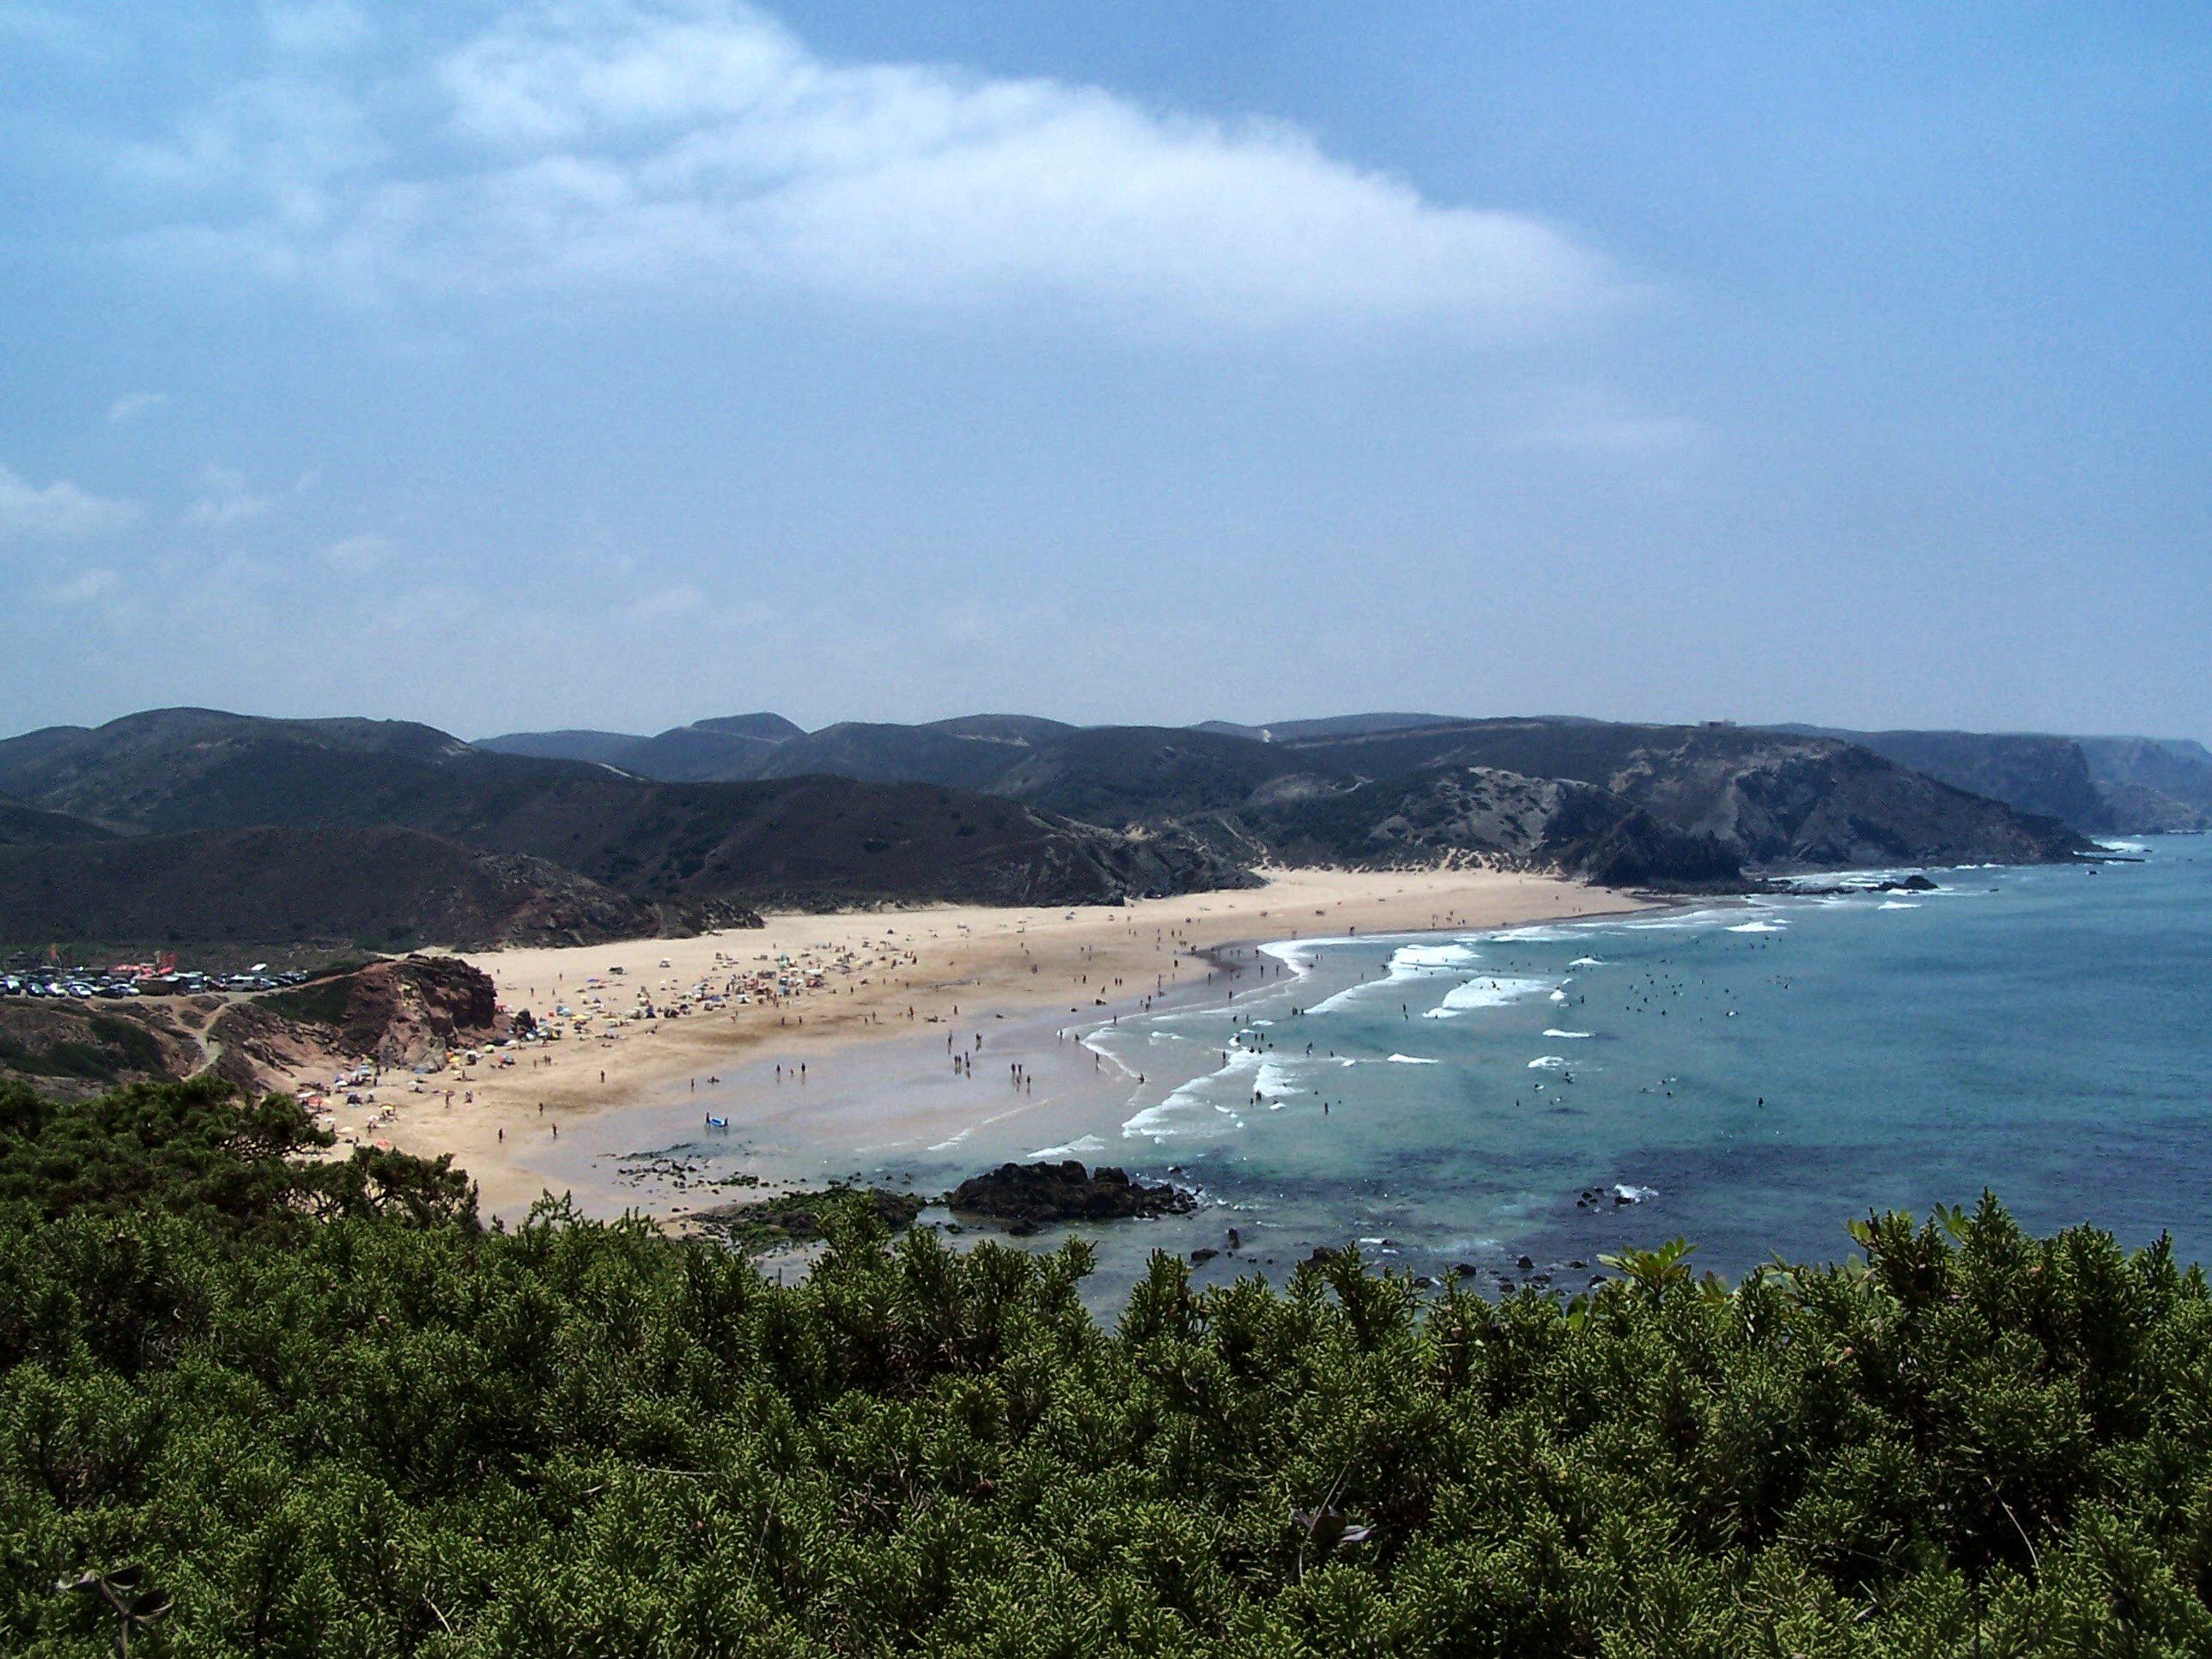 Annual average weather for Praia do Amado, Bordeira, Portugal